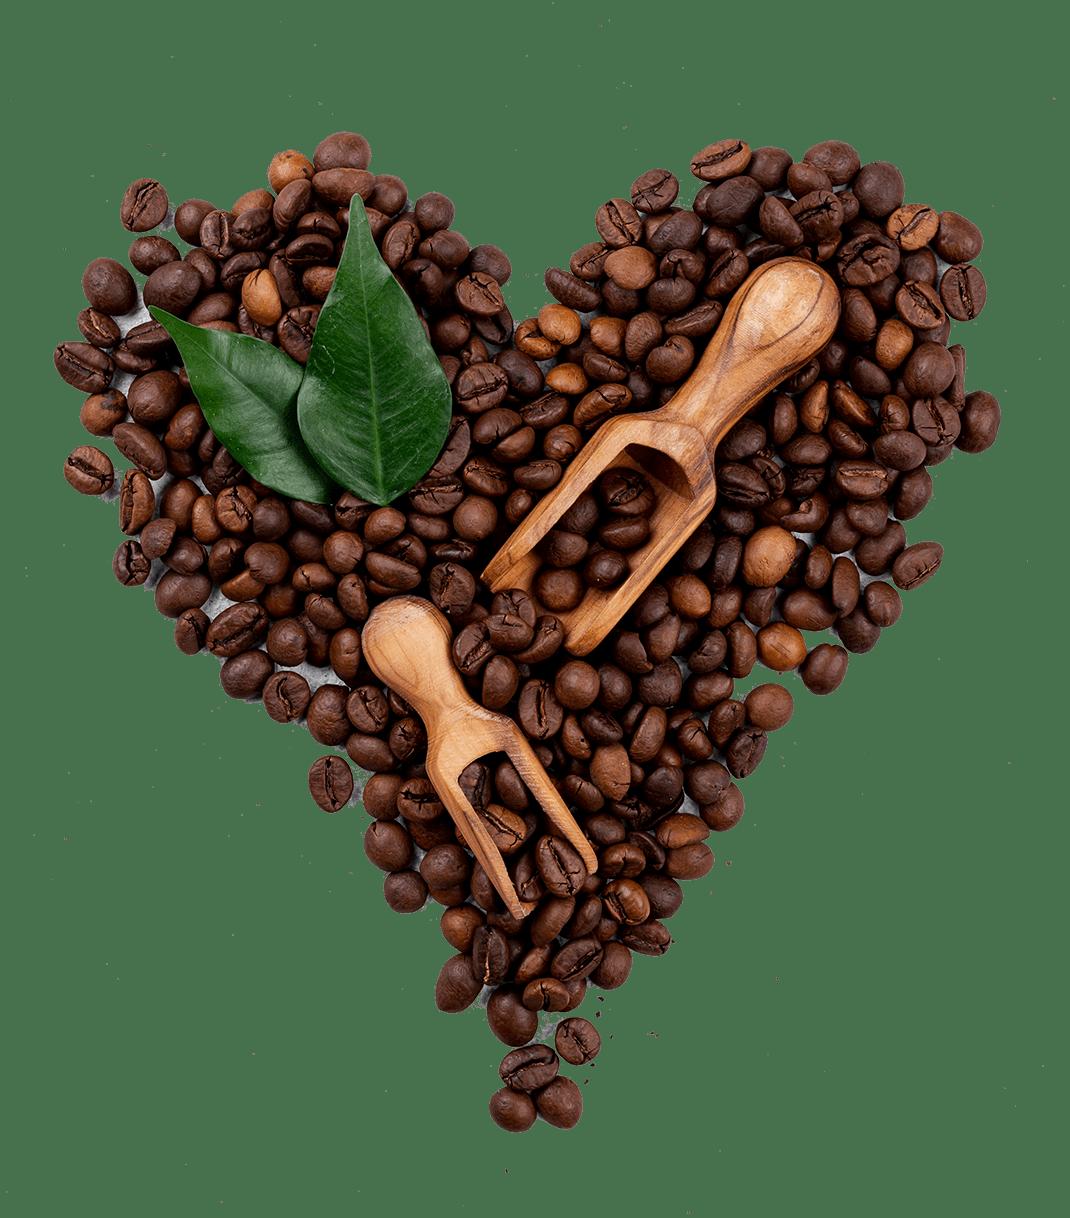 حب القهوة